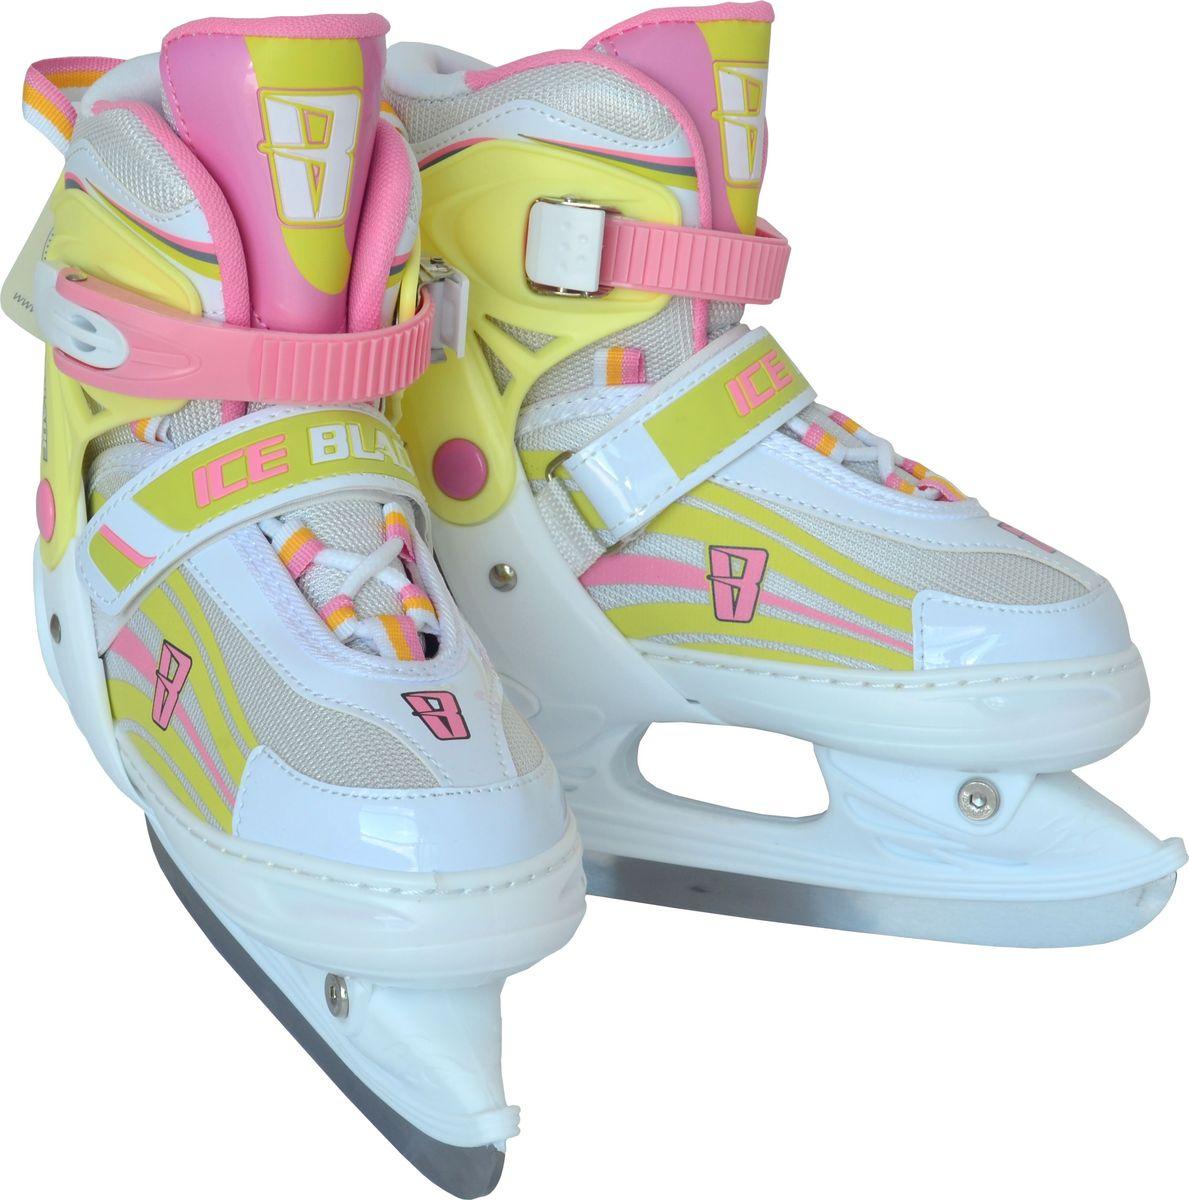 Коньки ледовые для девочки Ice Blade Solar, раздвижные, цвет: розовый, желтый, белый. Размер XS (26/29)УТ-00010438Коньки раздвижные Ice Blade Solar предназначены для детей и подростков, а также для тех, кто делает первые шаги в катании на льду. Коньки с хоккейным лезвием подходят для использования на открытом и закрытом льду. Теплый внутренний сапожок, удобная трехуровневая система фиксации ноги, легкая смена размера, надежная защита пятки и носка - все это бесспорные преимущества модели. Ботинки изготовлены из морозостойкого пластика, который защитит ноги от ударов, а пластиковая бакля с фиксатором, хлястик на липучке и шнуровка надежно зафиксируют голеностоп. Лезвие выполнено из высокоуглеродистой стали с покрытием из никеля. Особенностью коньков является раздвижная конструкция, которая позволяет увеличивать длину ботинка на 4 размера по мере роста ноги ребенка. У сапожка с боку имеется специальная кнопка, которая позволит увеличить его размер.Коньки поставляются в удобной сумке и с заводской заточкой лезвия, что позволяет сразу приступить к катанию.